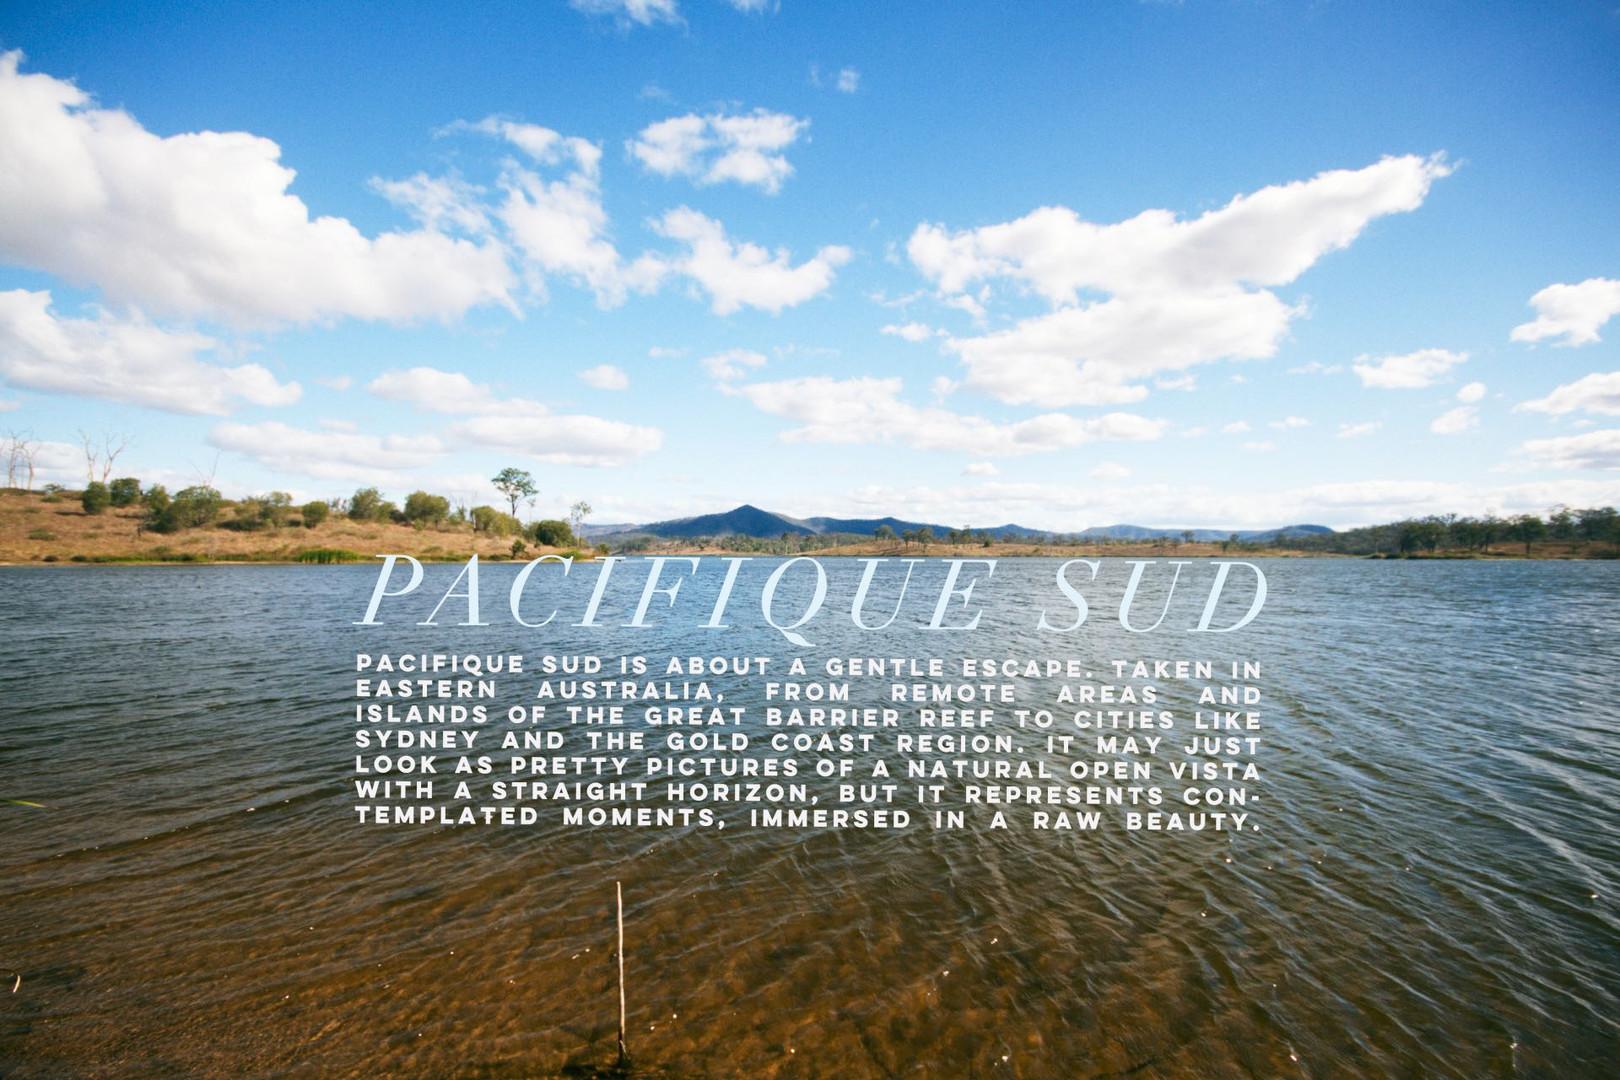 pacifique-sud0_cover_50pc_q6.jpg